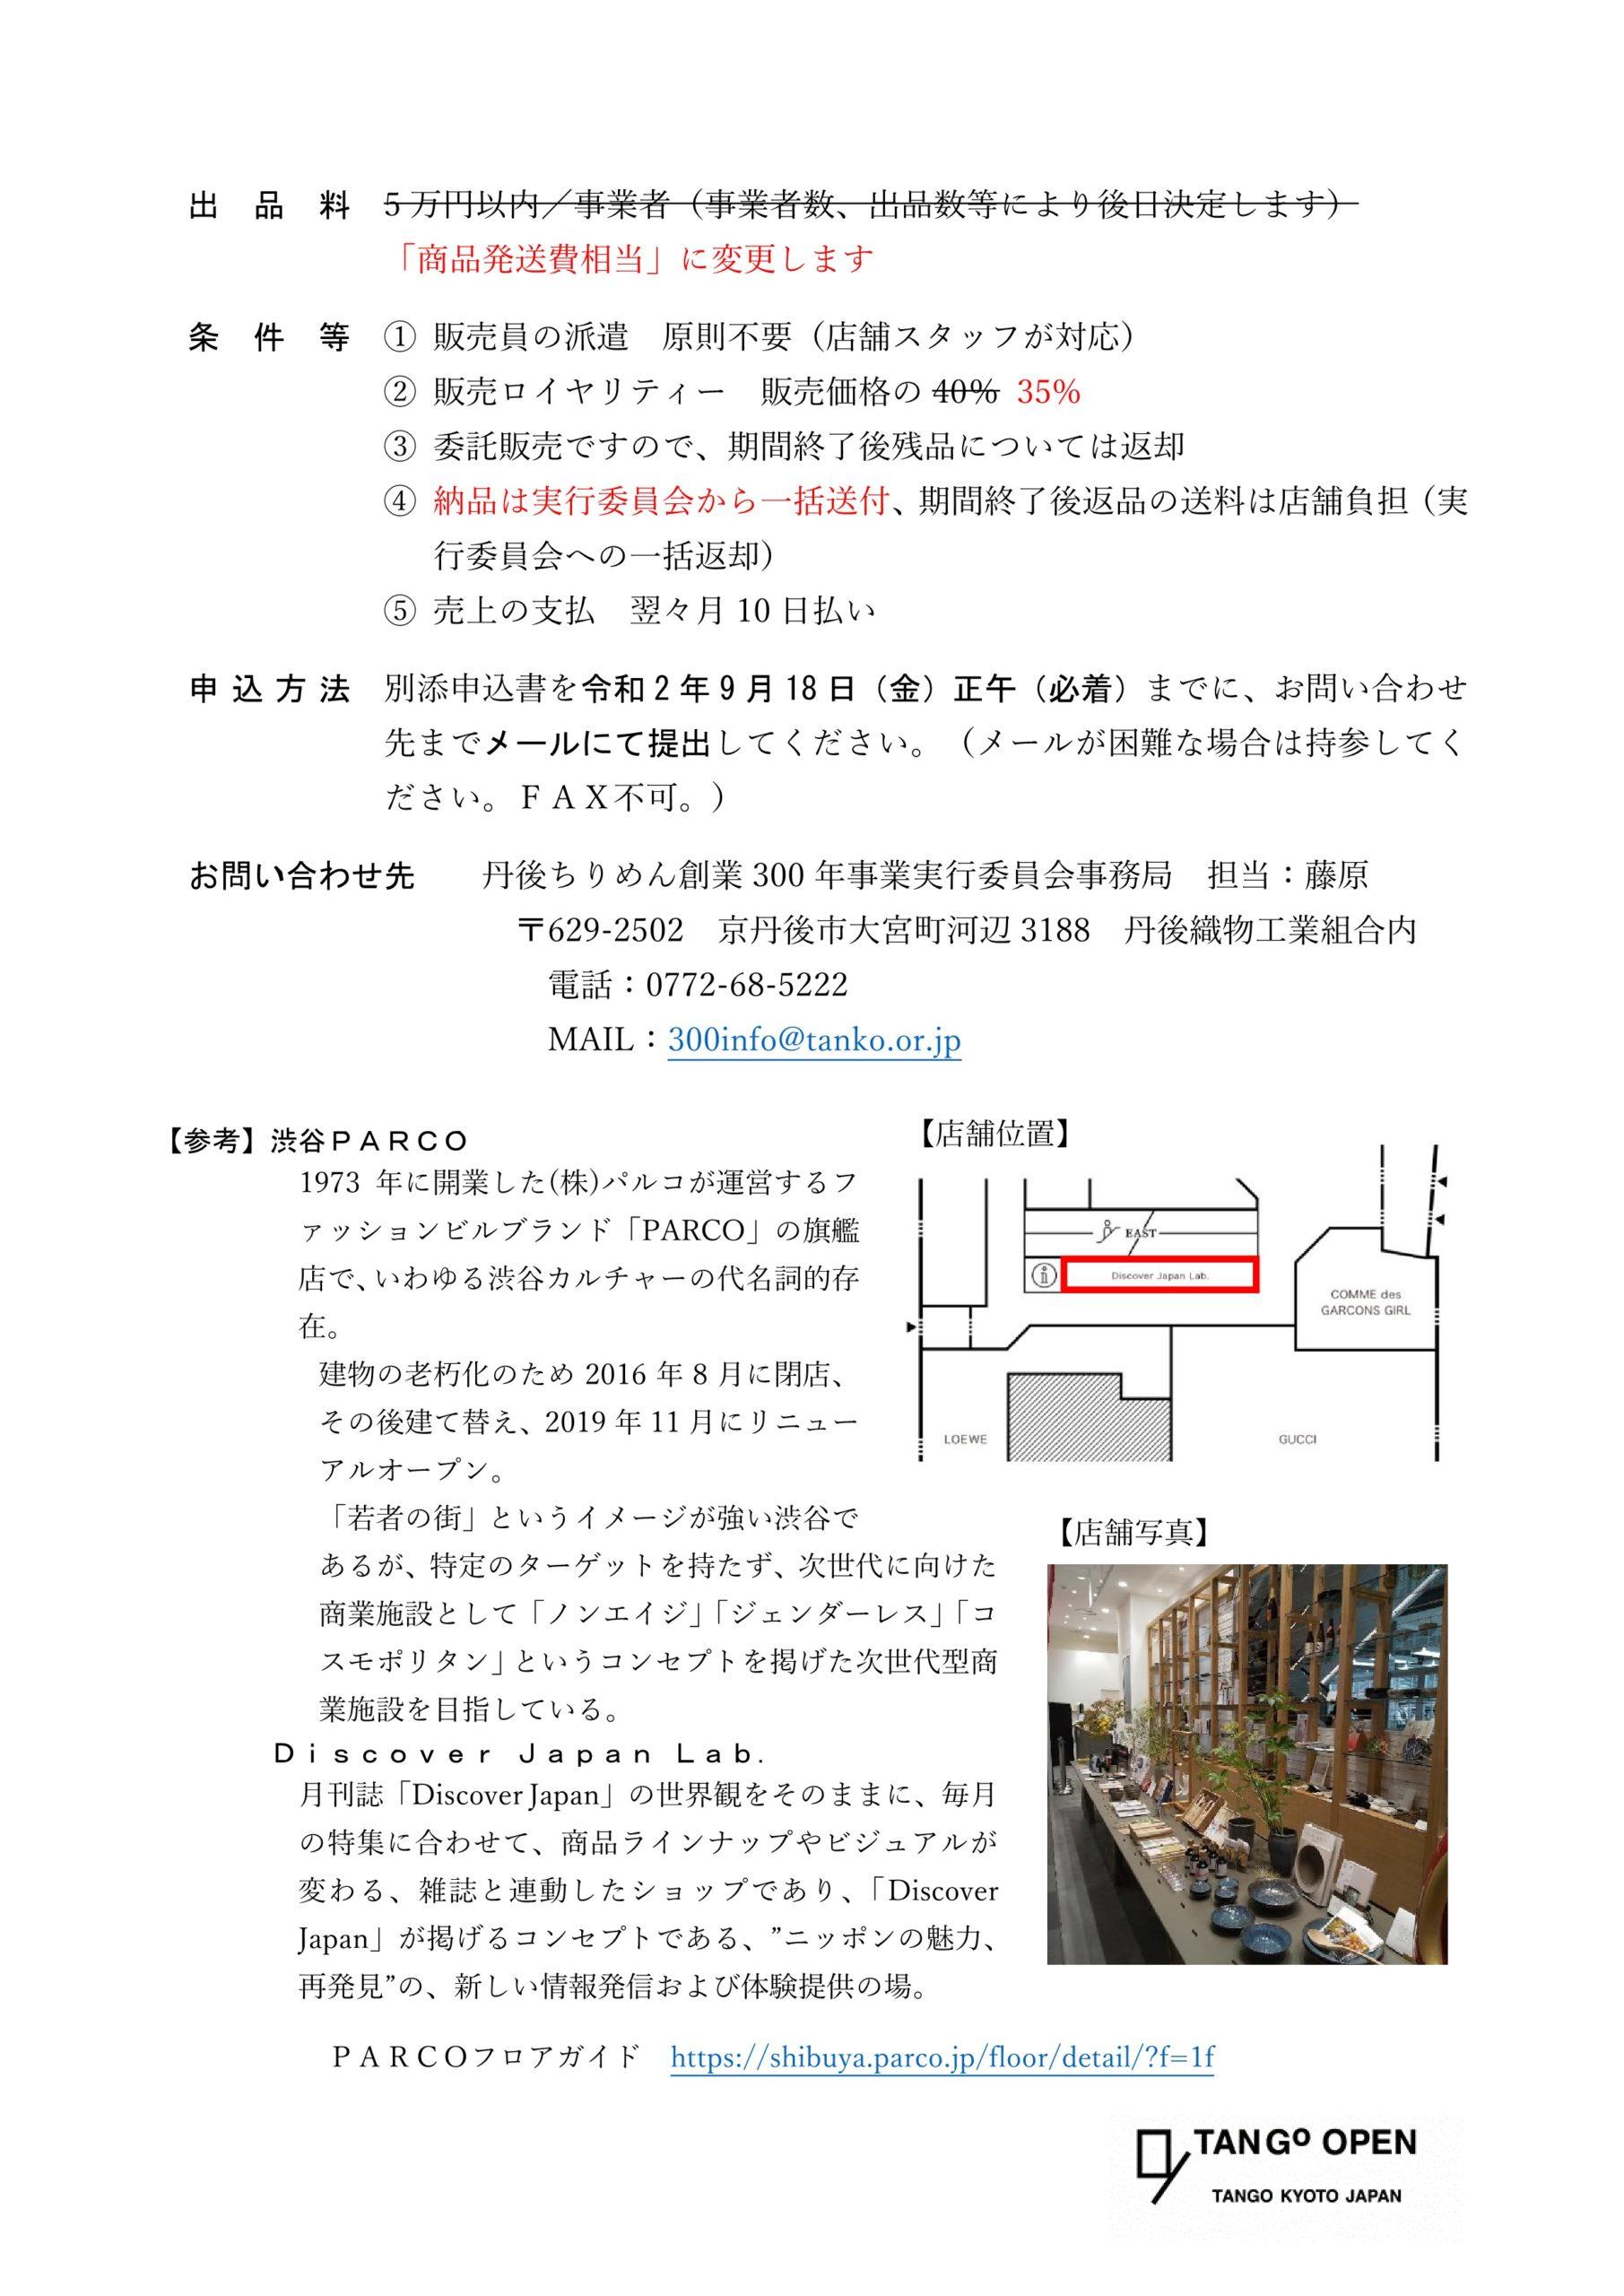 渋谷PARCO「丹後のよいもの」限定販売 出品者募集(9/18締切)